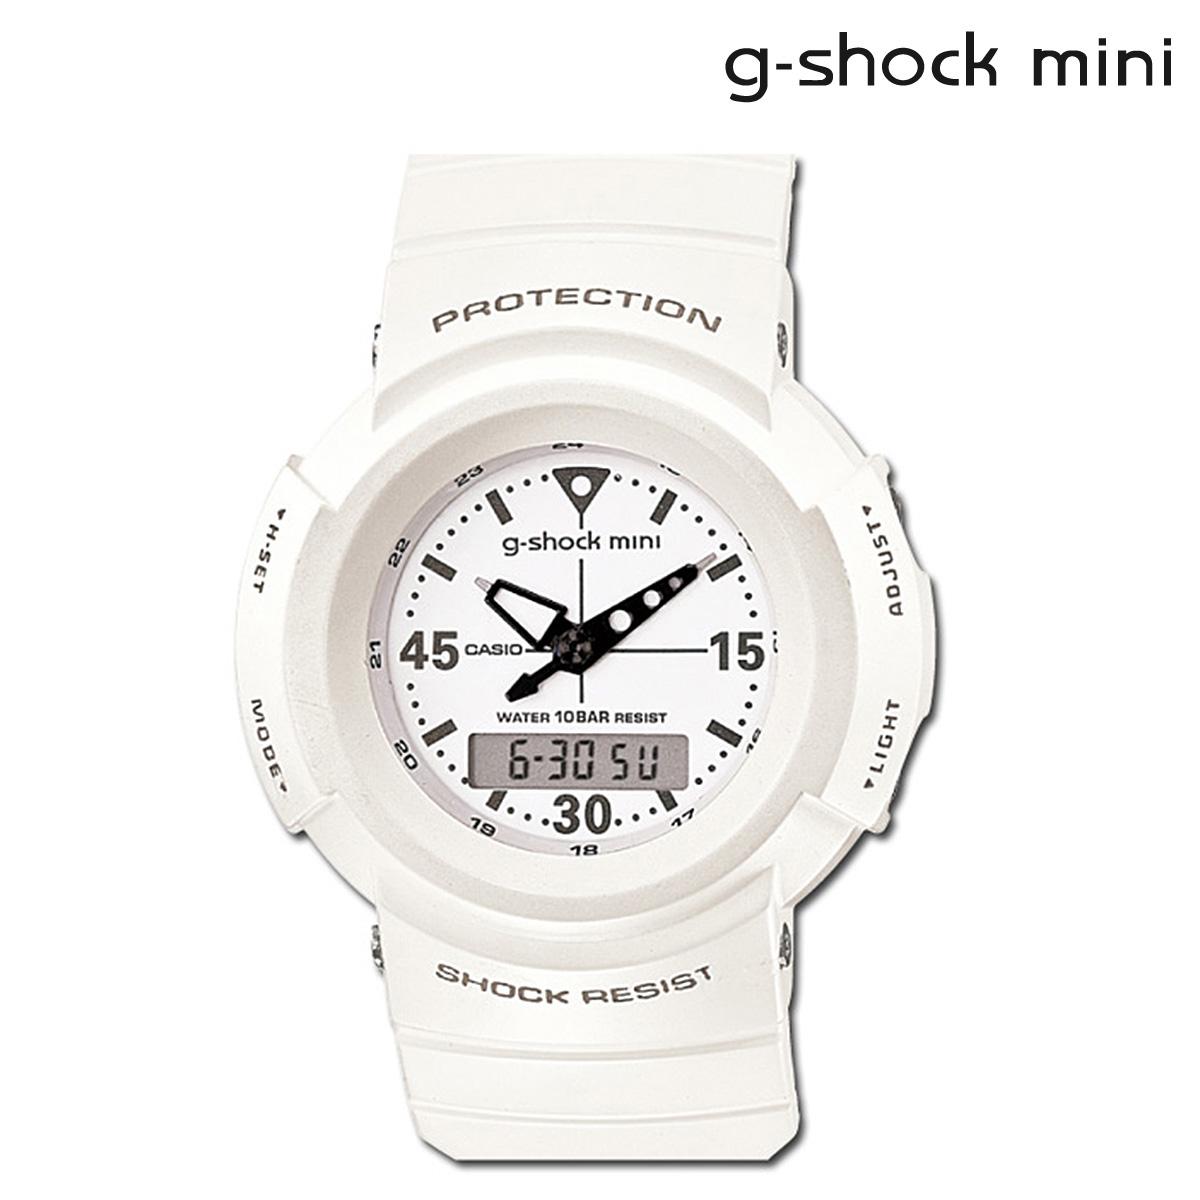 CASIO カシオ g-shock mini 腕時計 GMN-500-7BJR ジーショック ミニ Gショック G-ショック レディース